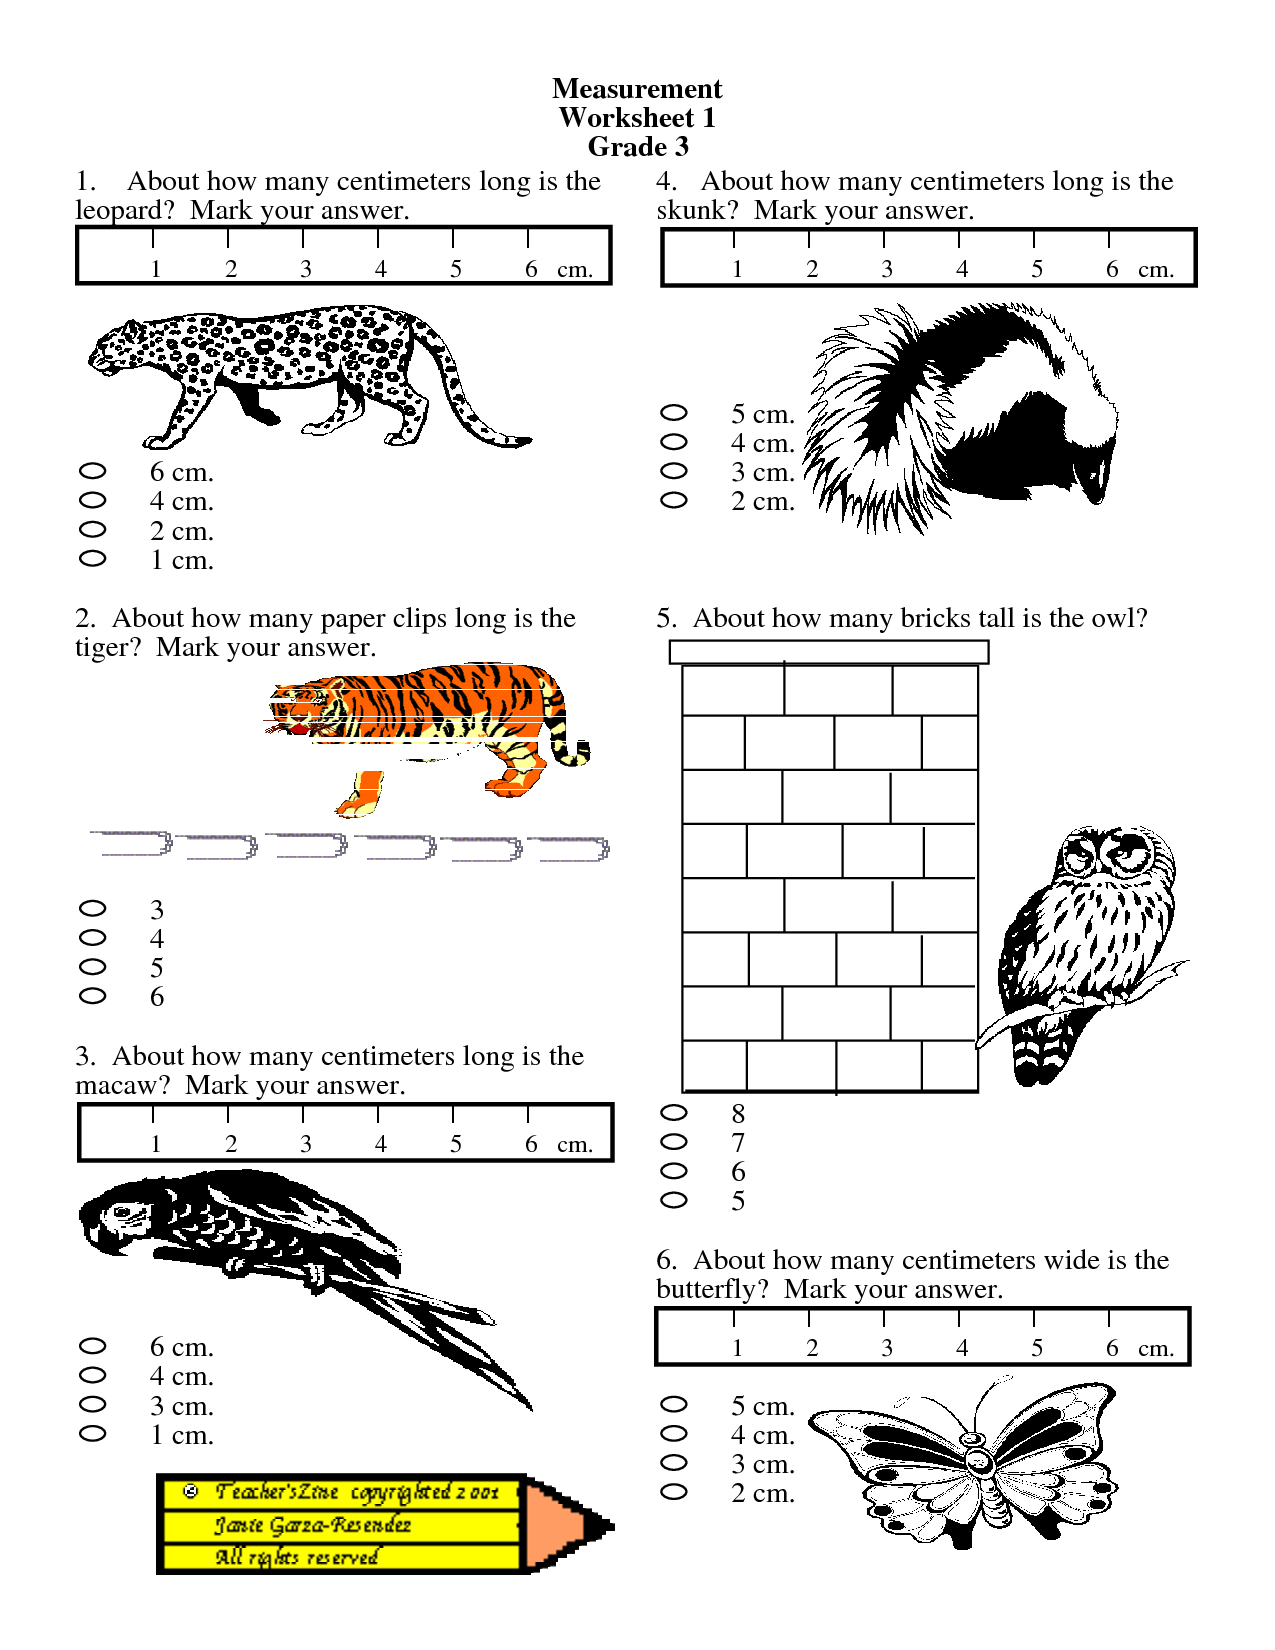 1st Grade Measurement Worksheets Math Worksheet For Kids Measurement Worksheets Kids Math Worksheets Worksheets For Kids [ 1650 x 1275 Pixel ]